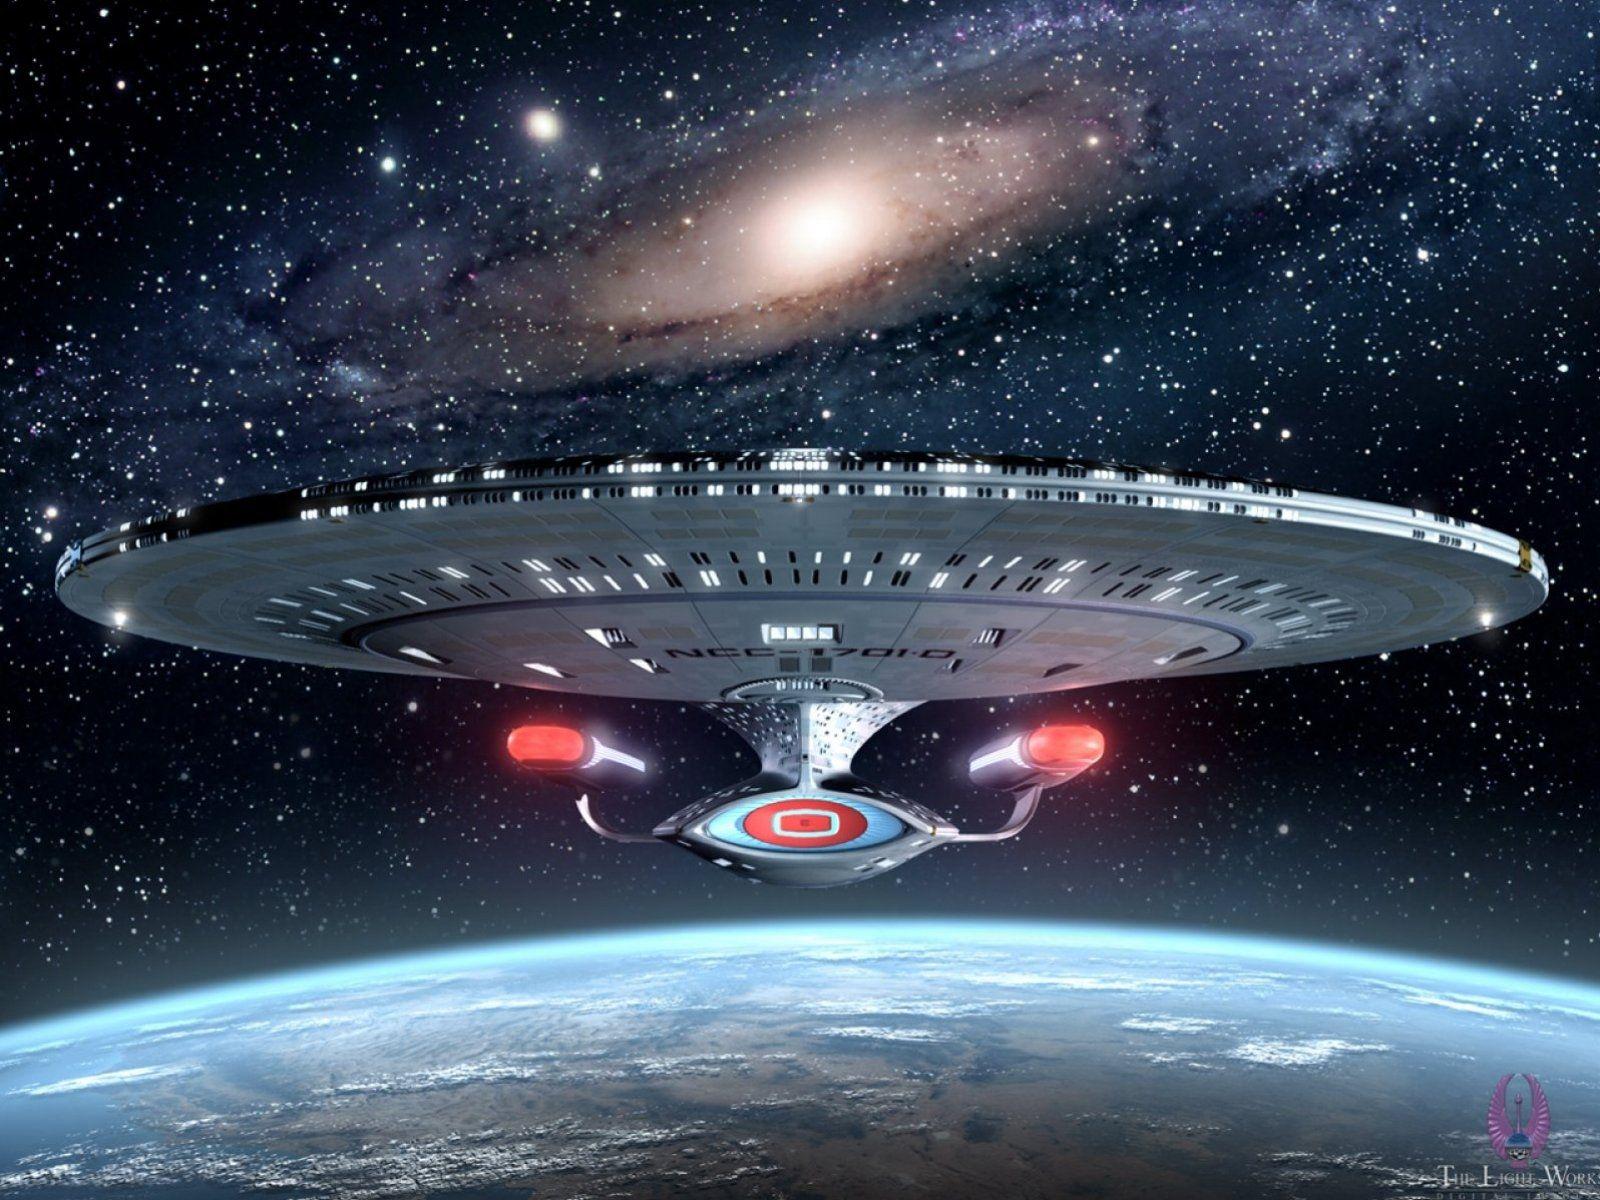 Star Trek Wallpaper High Resolution Star Trek High Resolution Wallpaper High Resolution Wallpa Star Trek Wallpaper Star Trek Starships Star Trek Enterprise